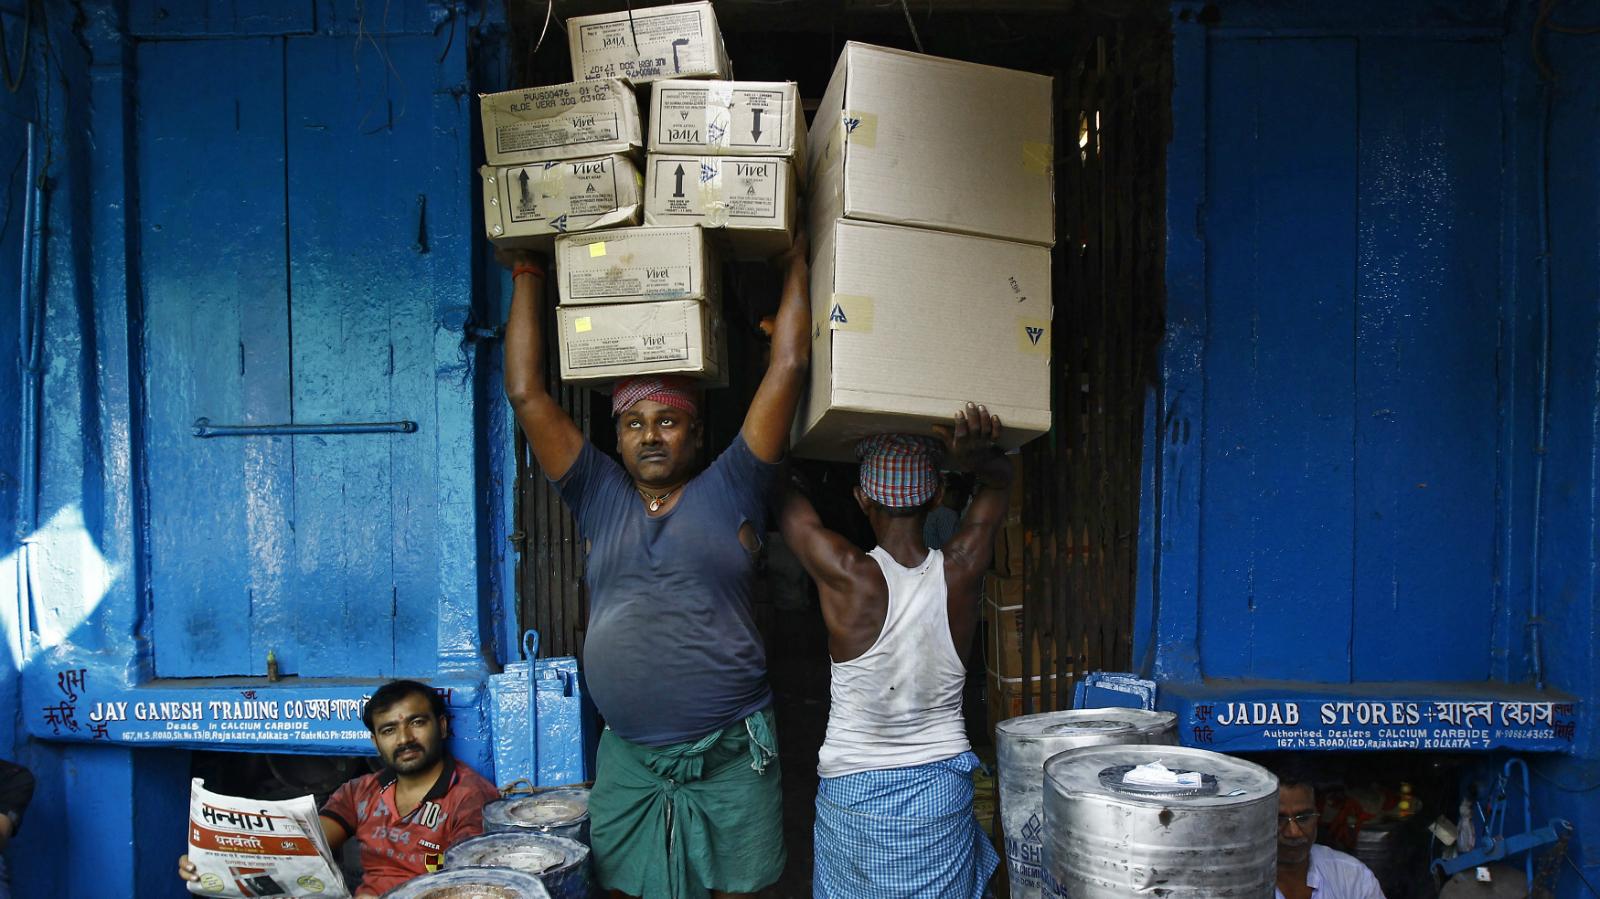 India-Indian economy-Demonetisation-Bank-ATM-Cash